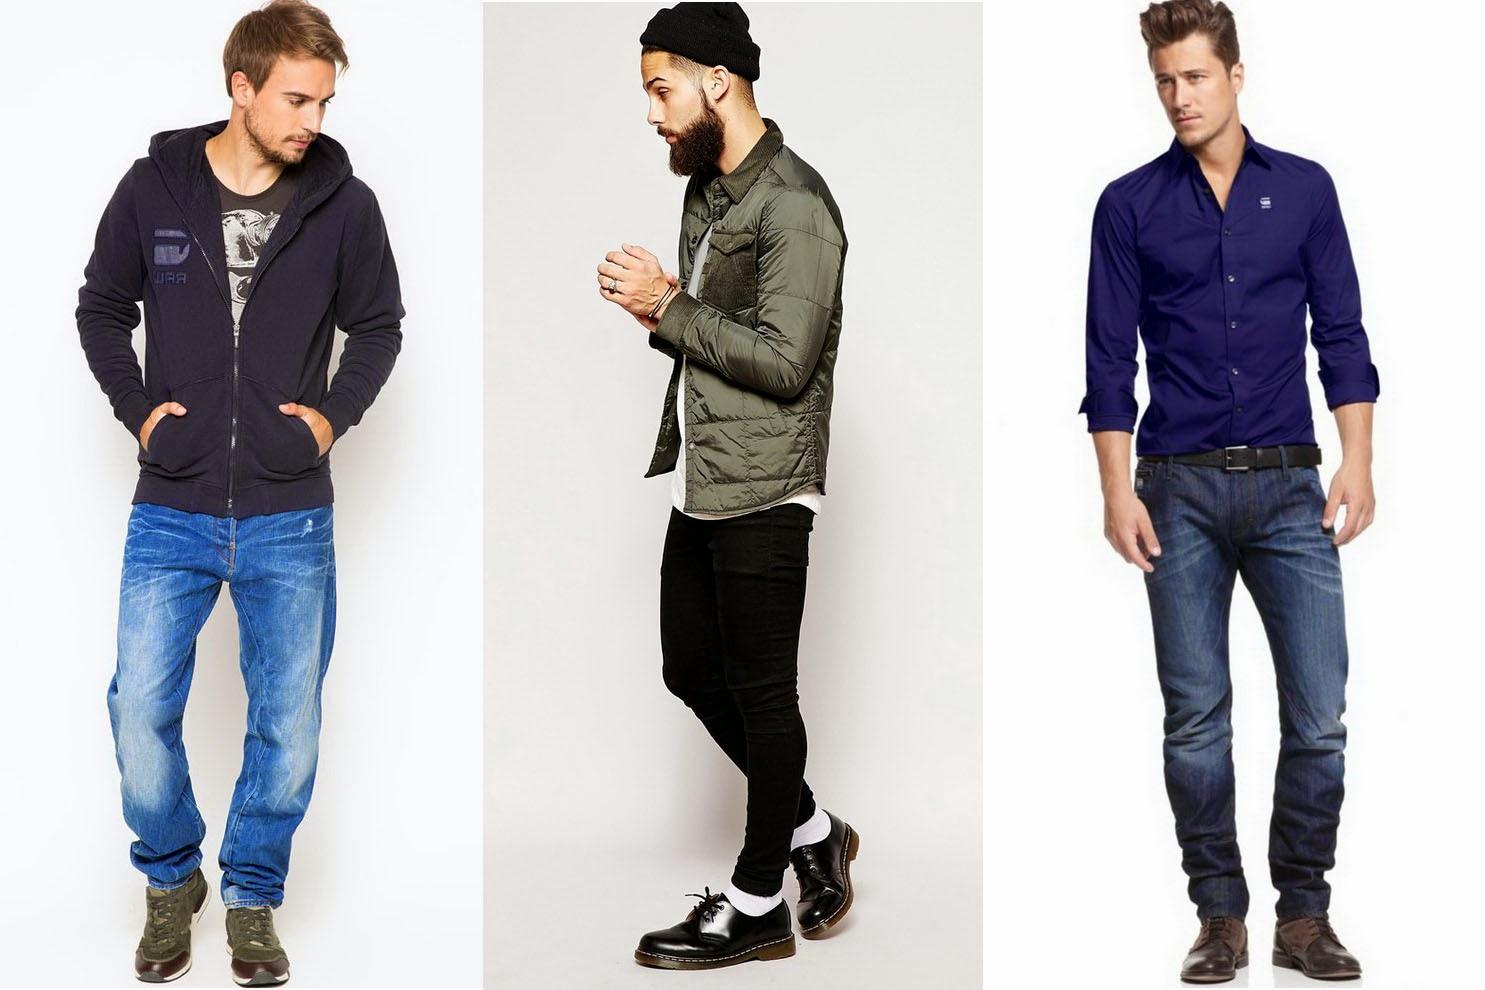 e5c0f171b4f G-Star Raw  мужская фотомода. Вашему вниманию предлагается подборка фото мужской  одежды ...